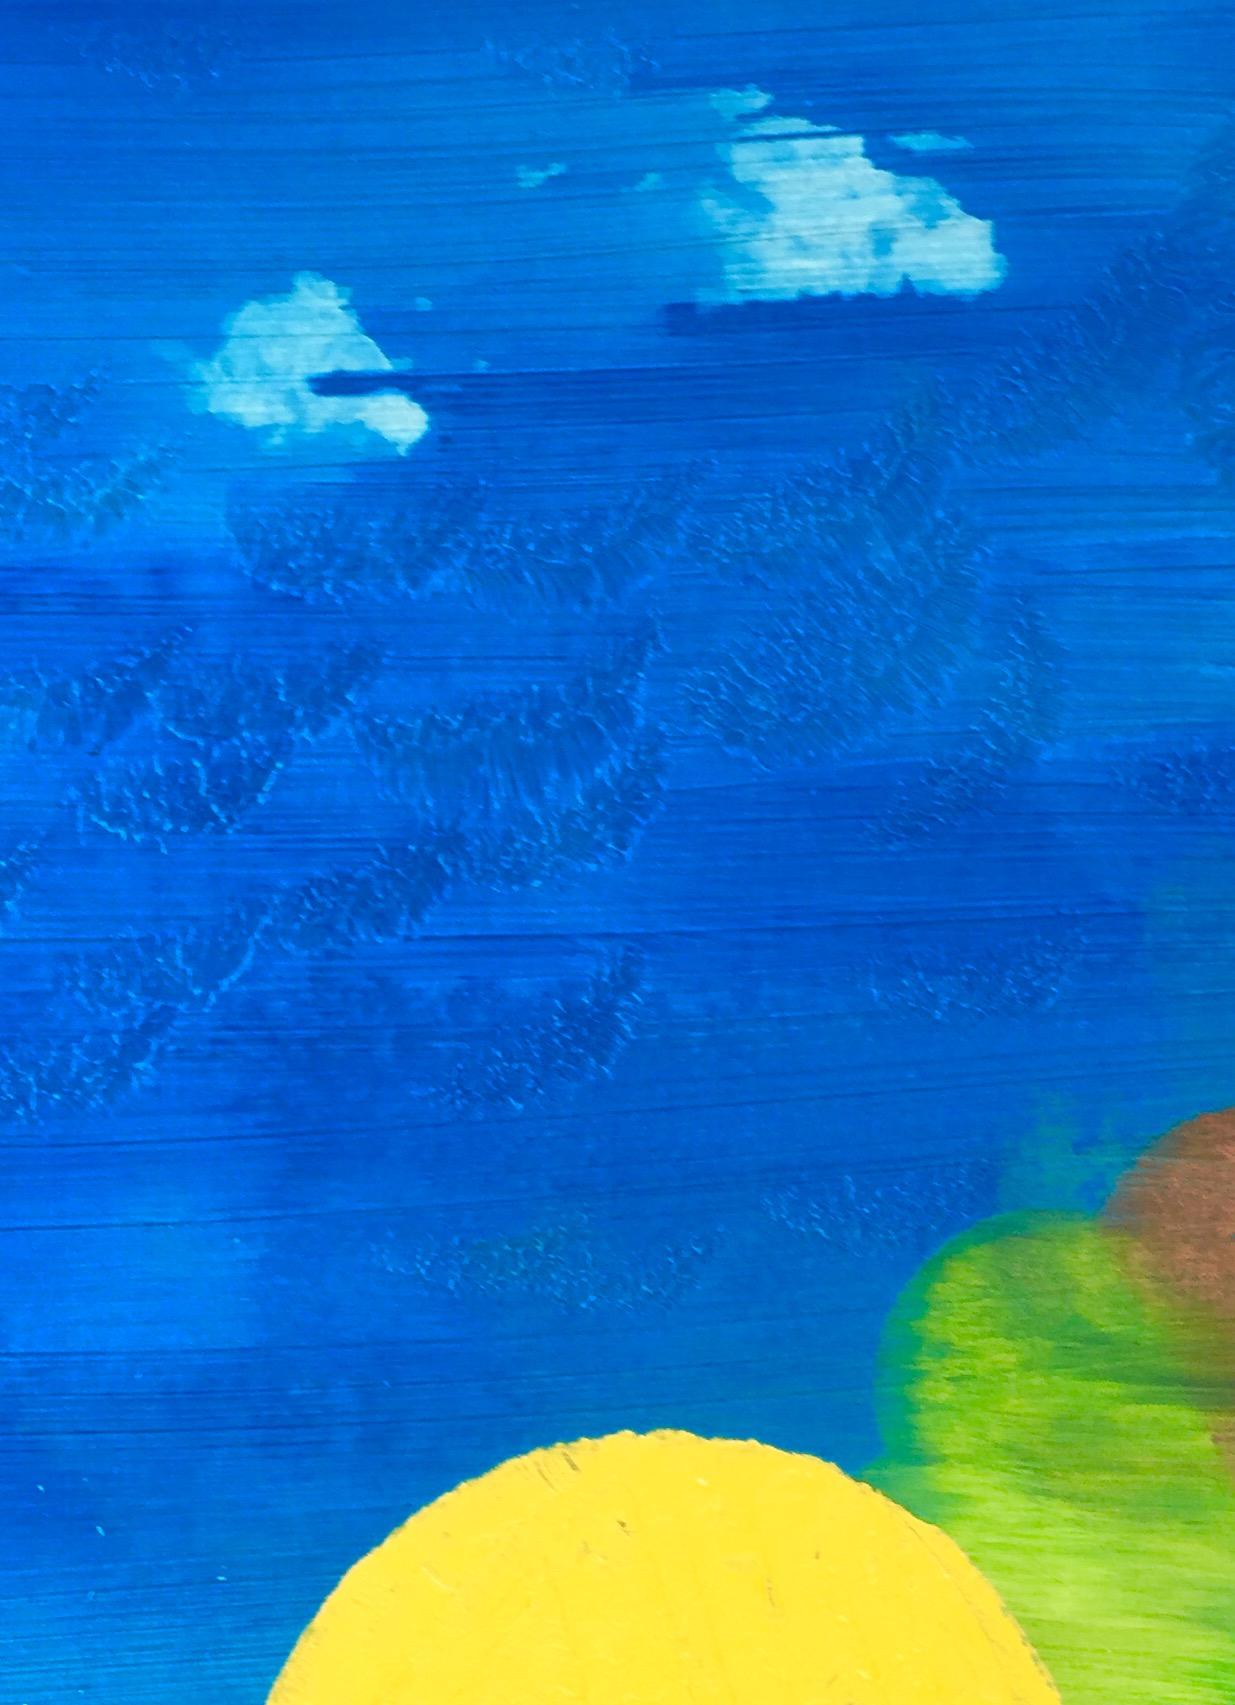 Blue Skies Mailer